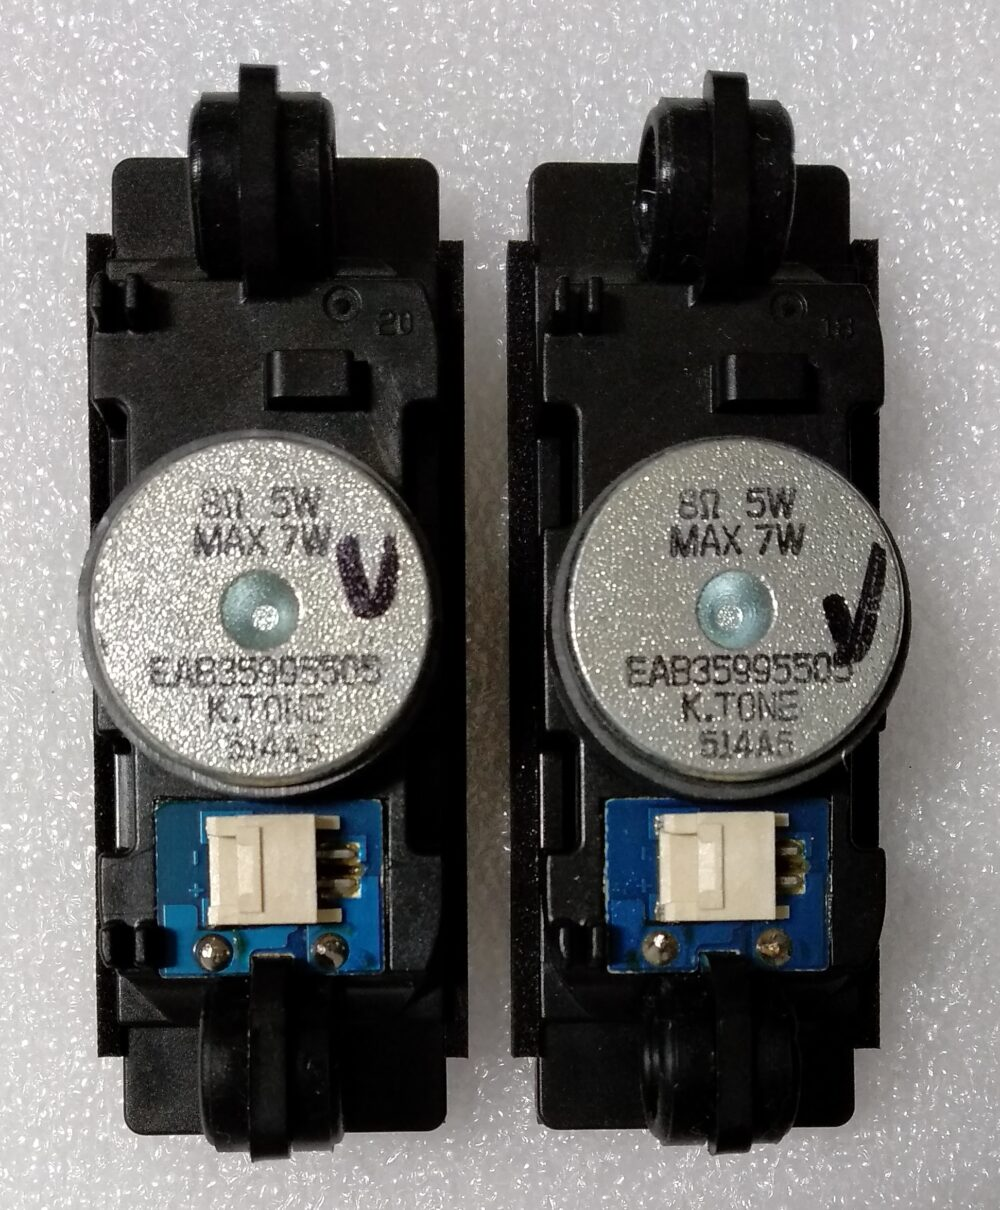 Assy speaker 8 ohm 5W - LG 24MT47D-PZS.AEUQLUP - Pannello V236BJ1-LE2 Rev C1 B TV Modules